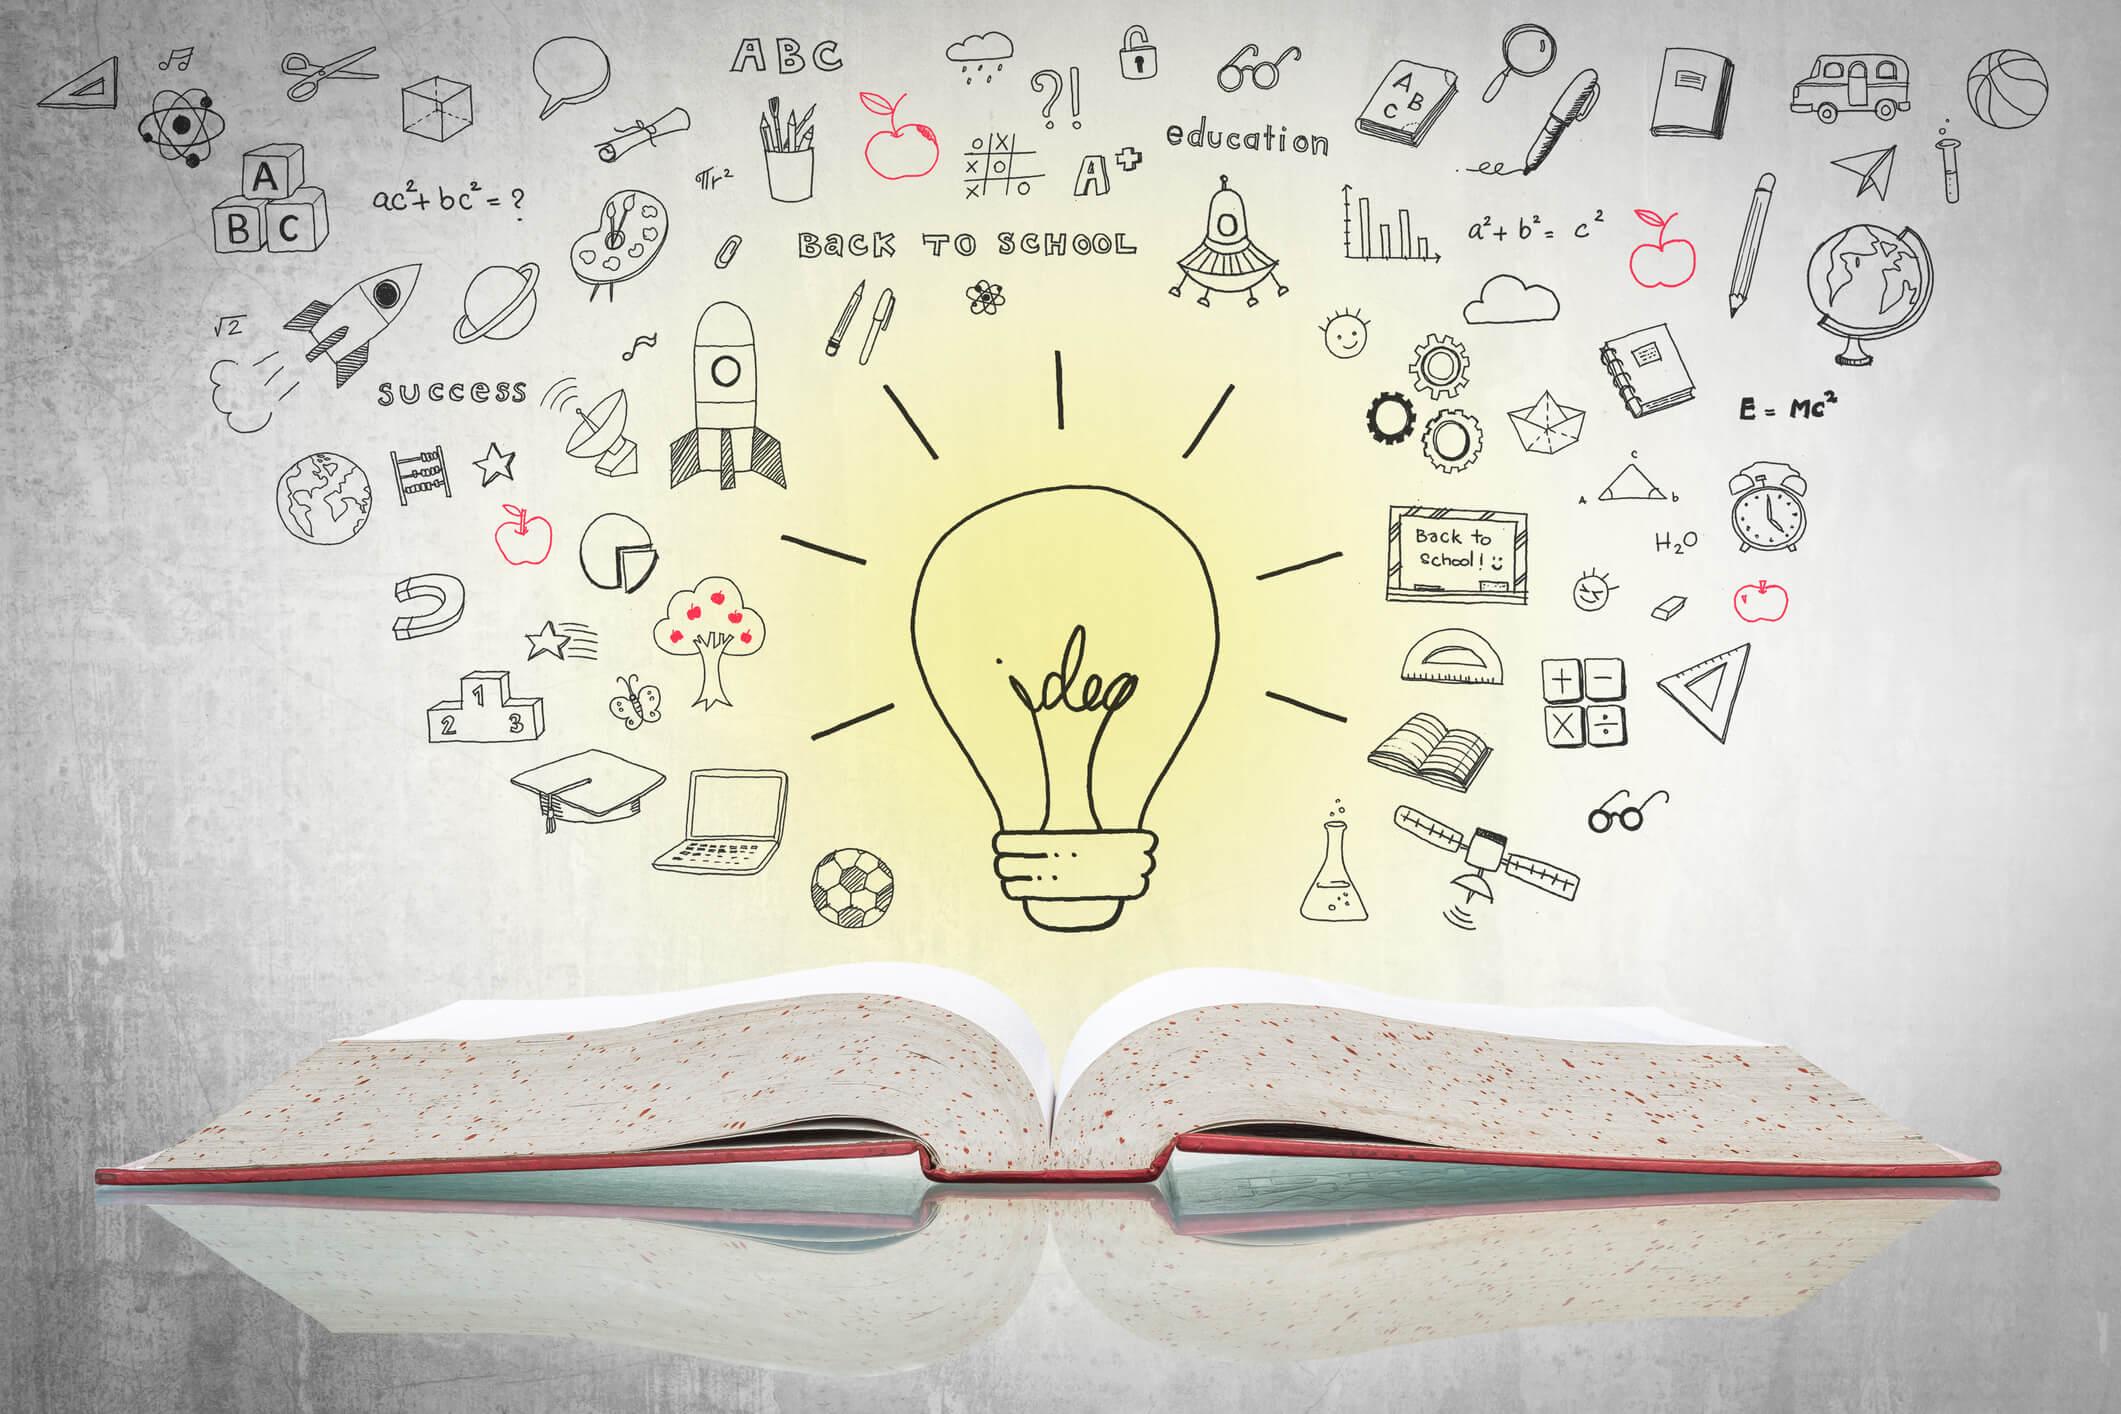 Literacia financeira, uma das principais chaves para o sucesso